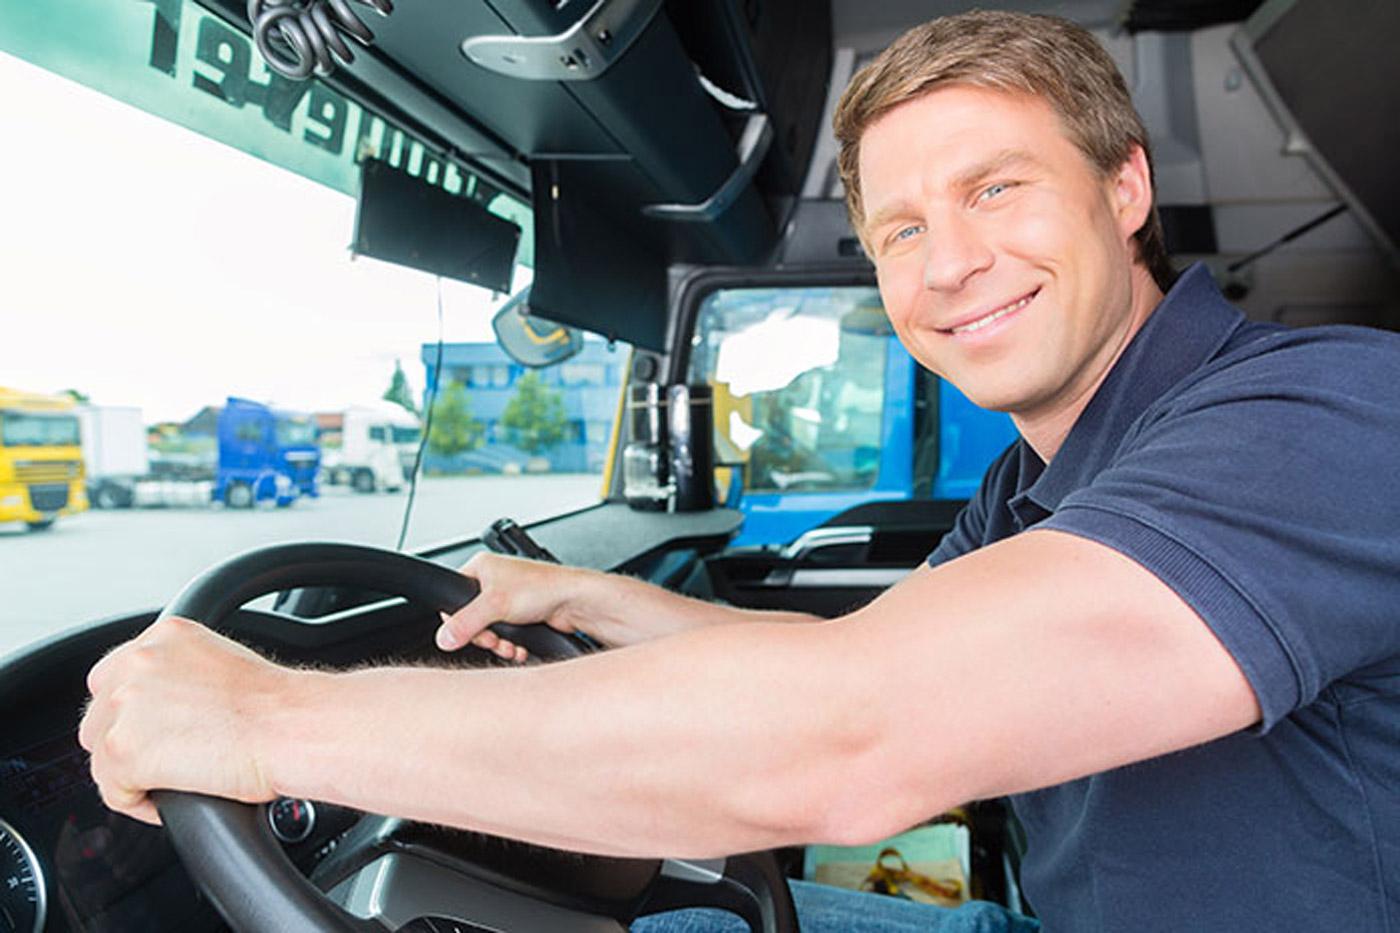 Чтобы развеять усталость, 5% водителей грузовиков поет за рулем